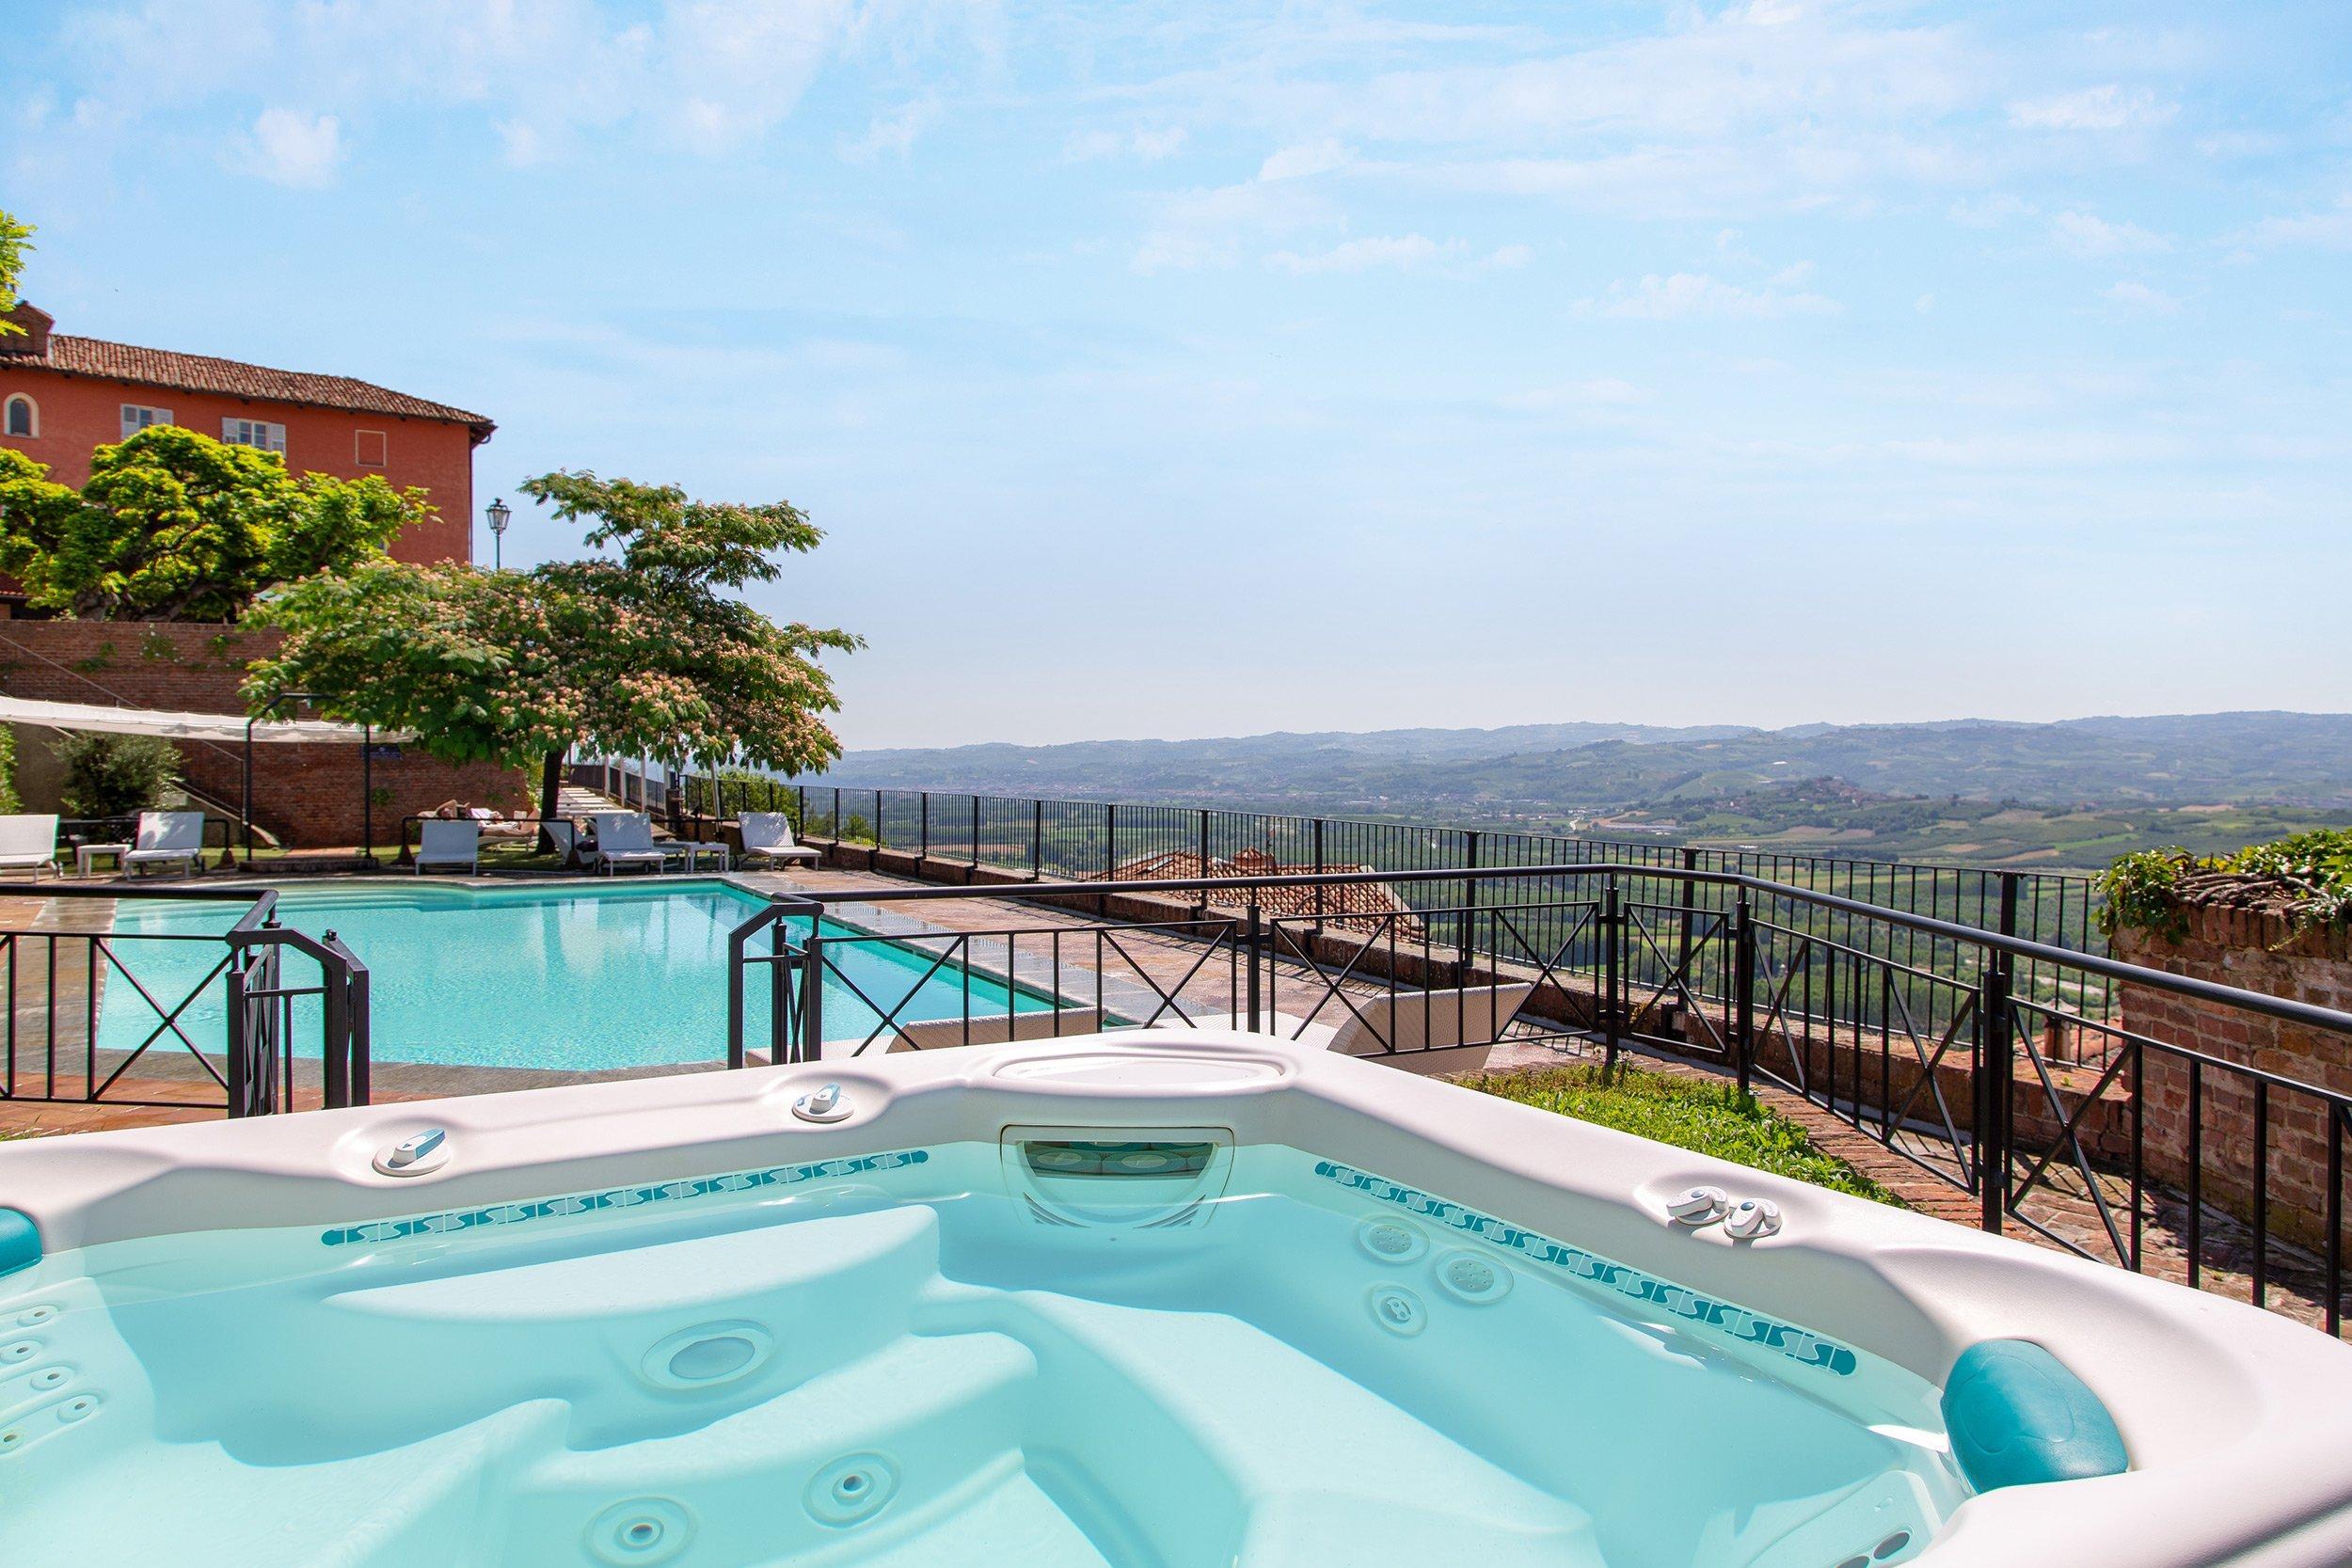 La piscina e l'idromassaggio - Hotel Castello Santa Vittoria